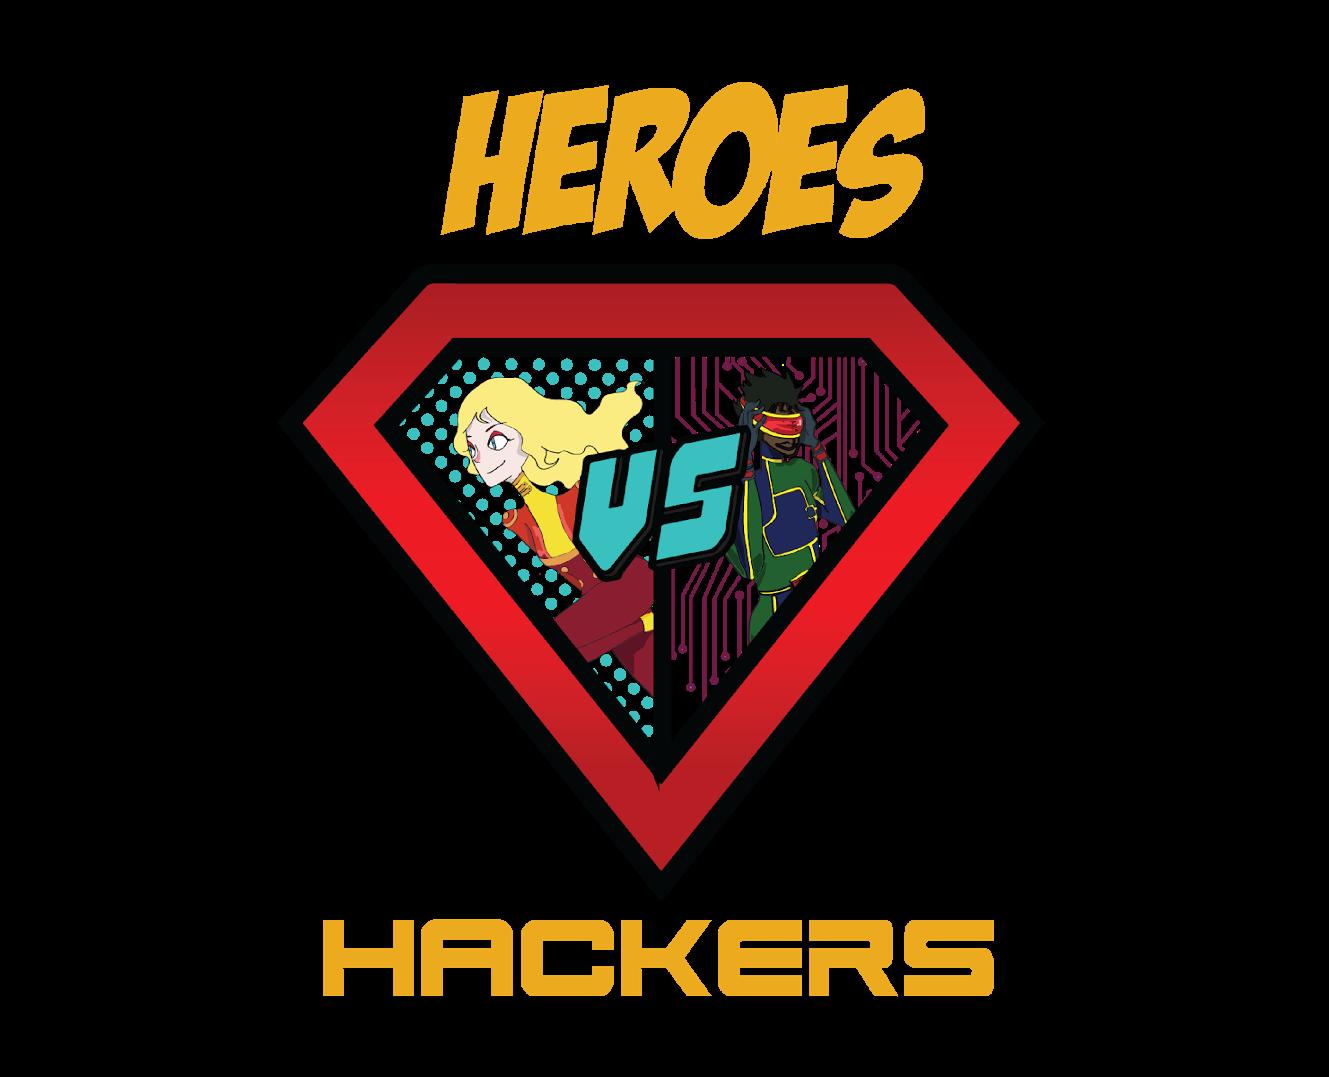 barclays-hackathon-2